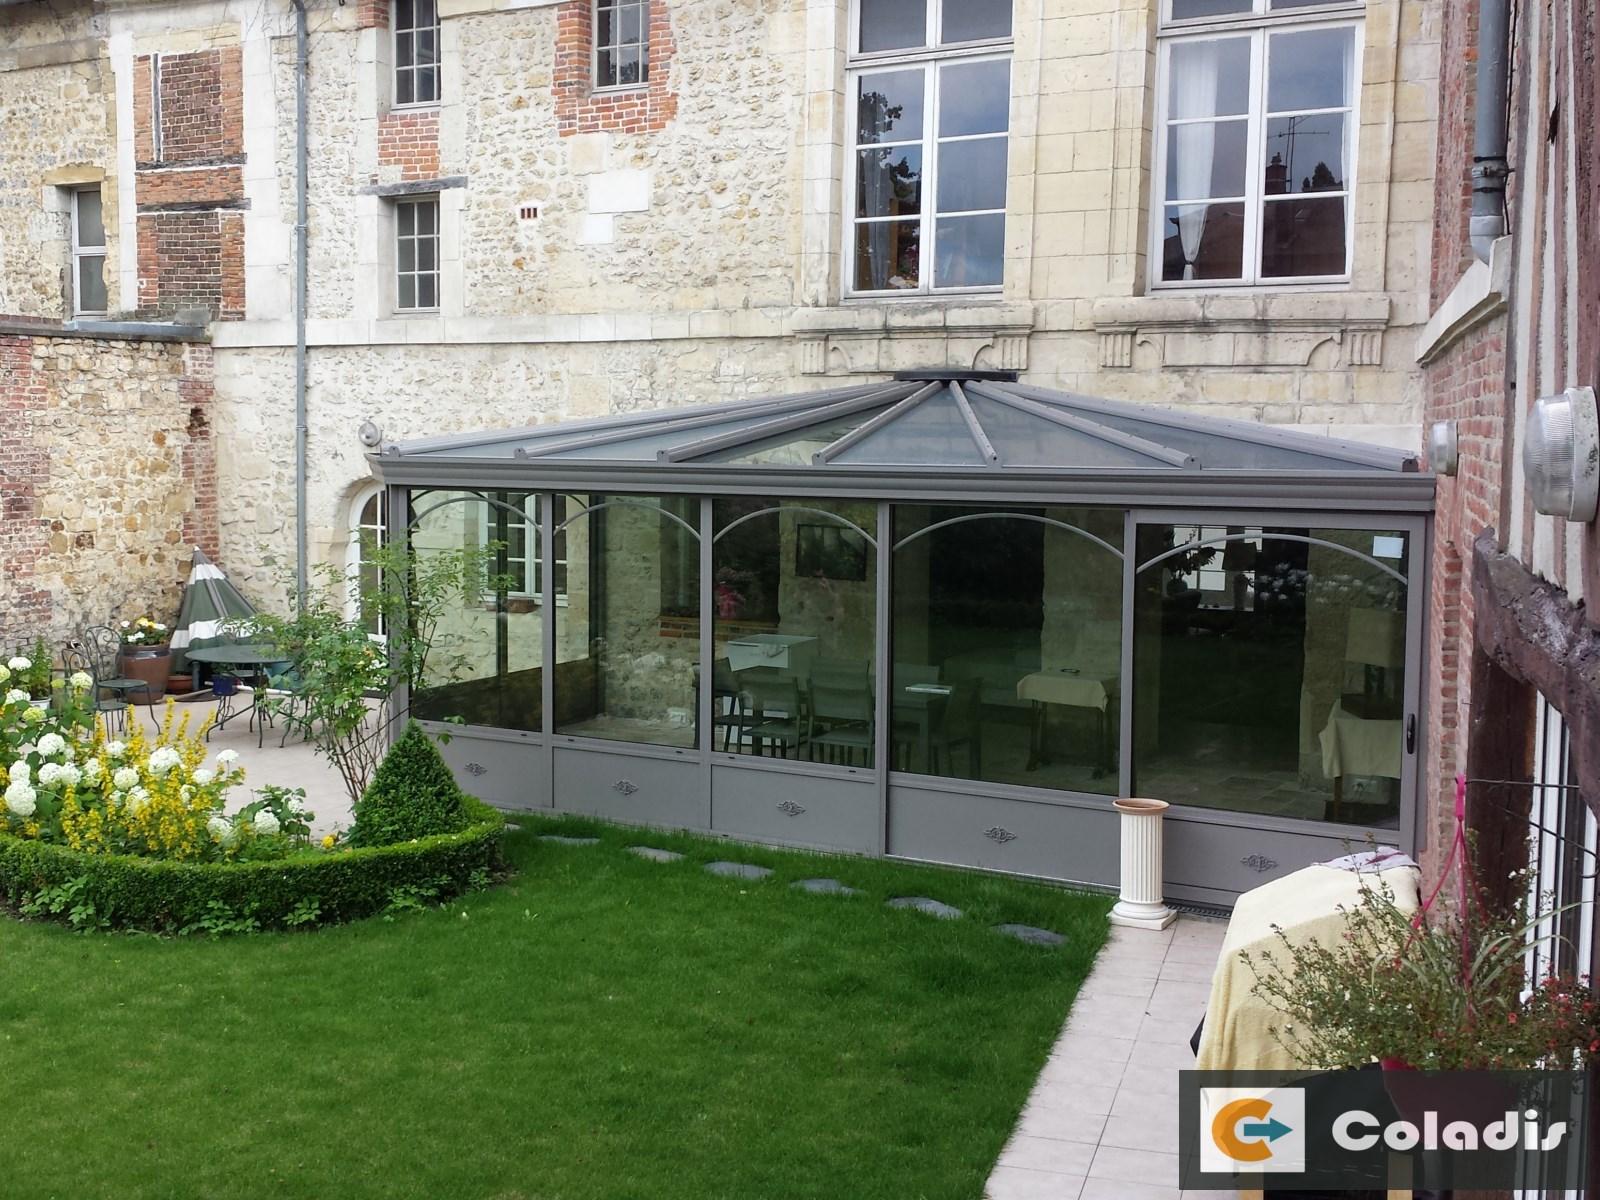 Coladis intégration véranda immeuble bourgeois victorienne Béziers Hérault